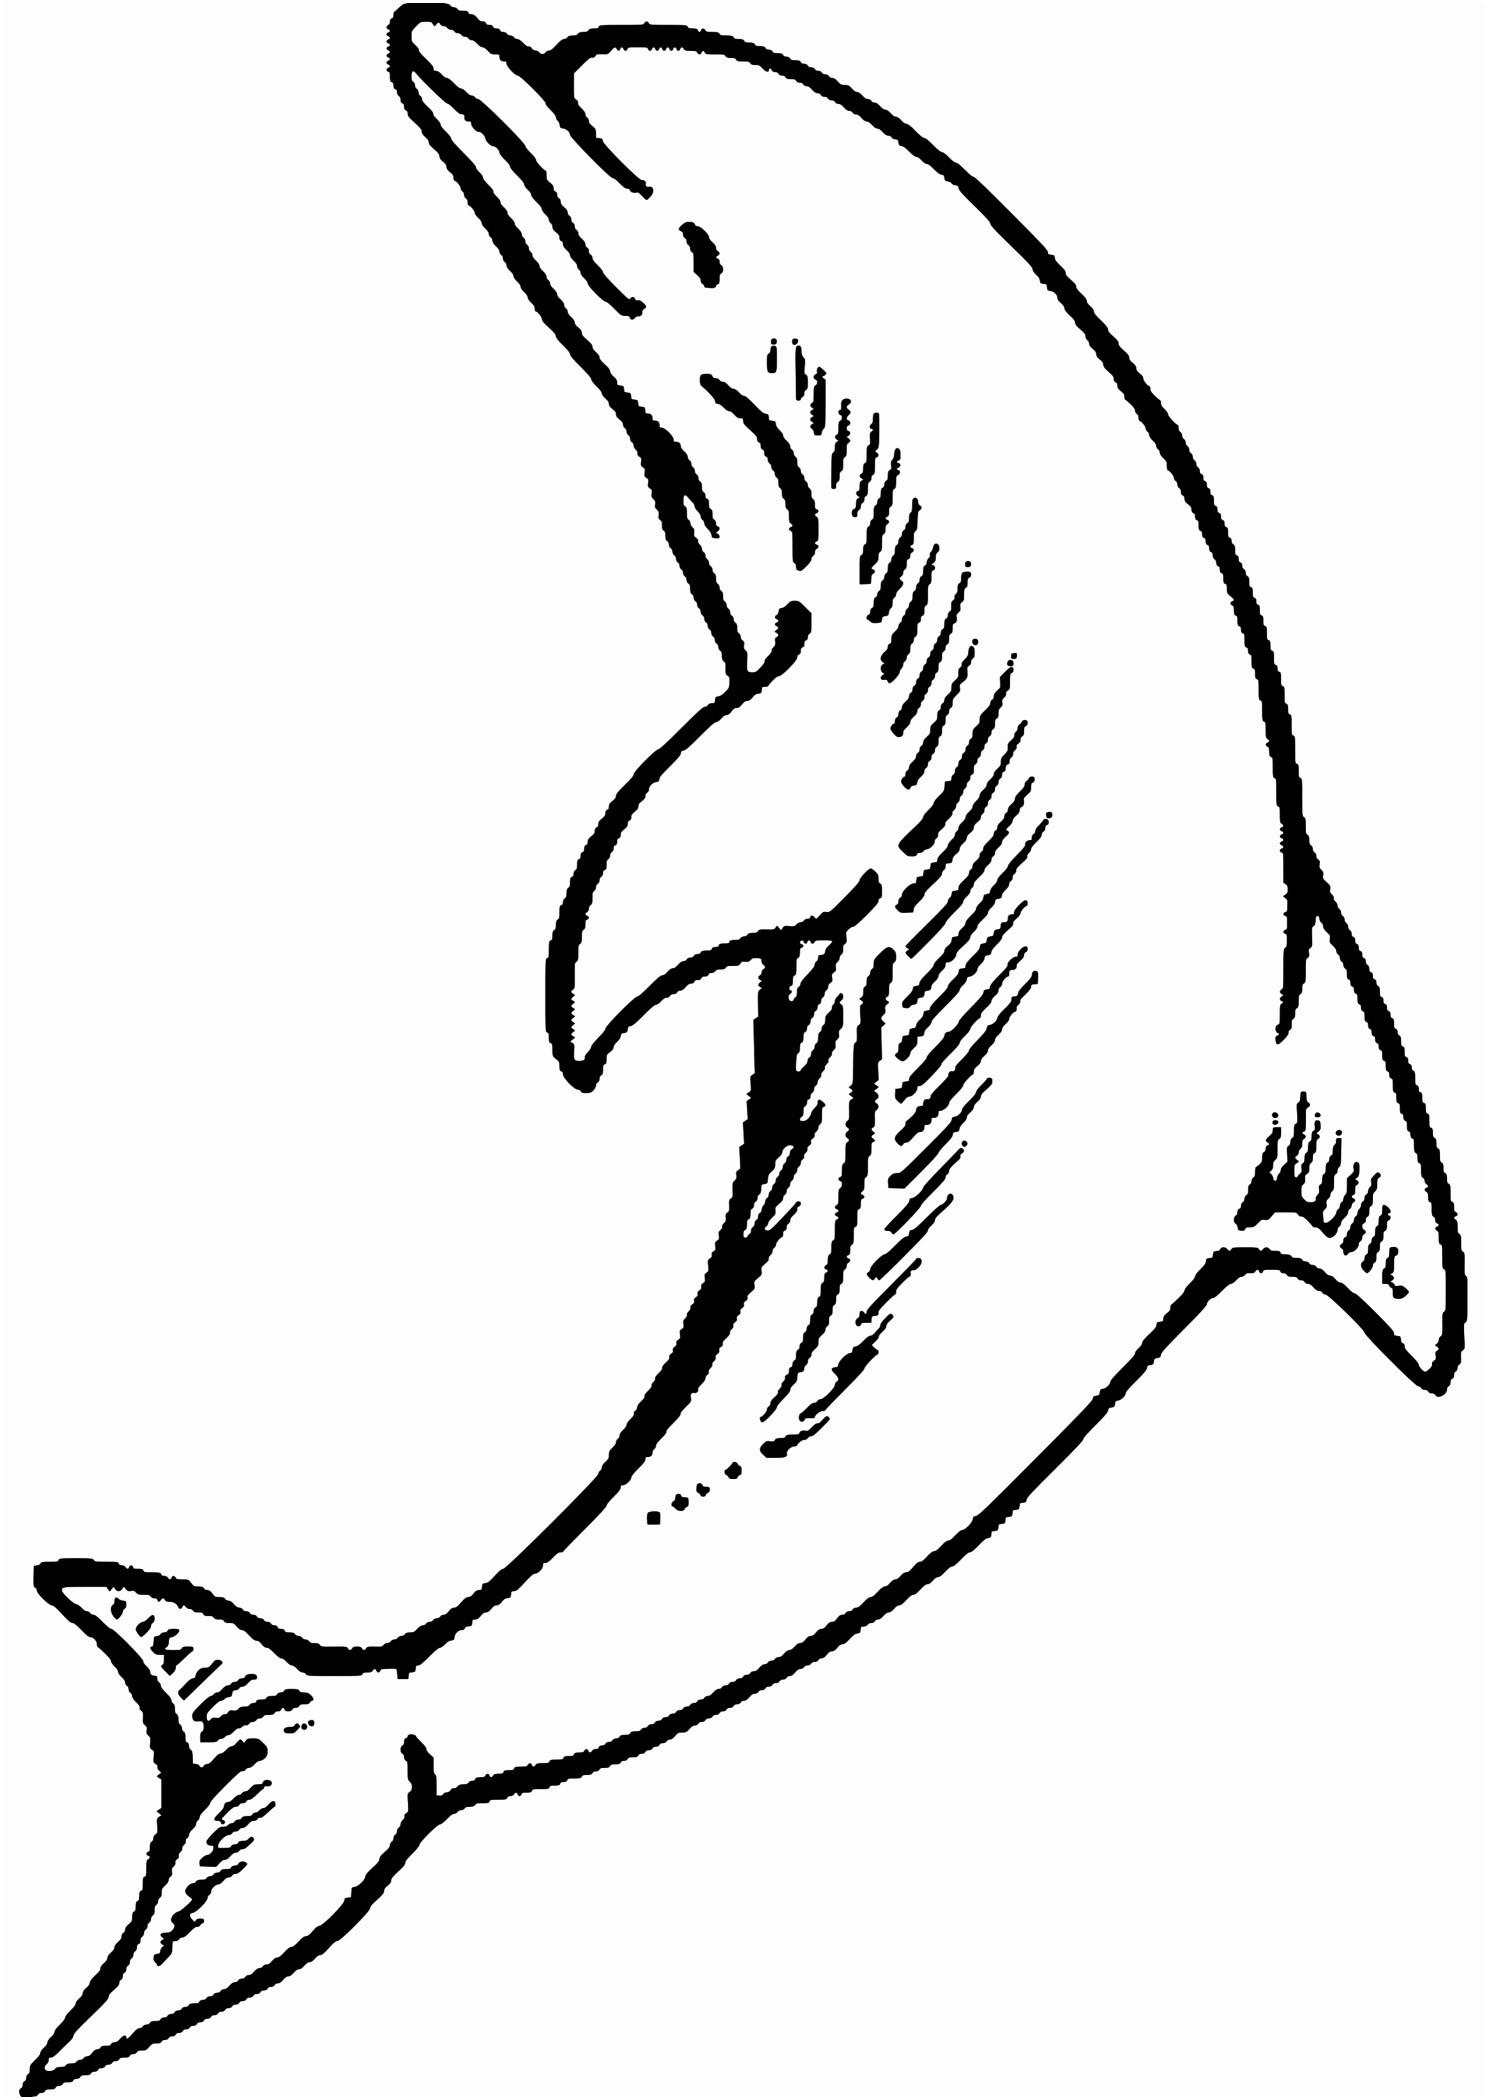 Ausmalbilder Meerjungfrau Mit Delfin Genial 31 Neu Delfin Ausmalbild – Große Coloring Page Sammlung Sammlung